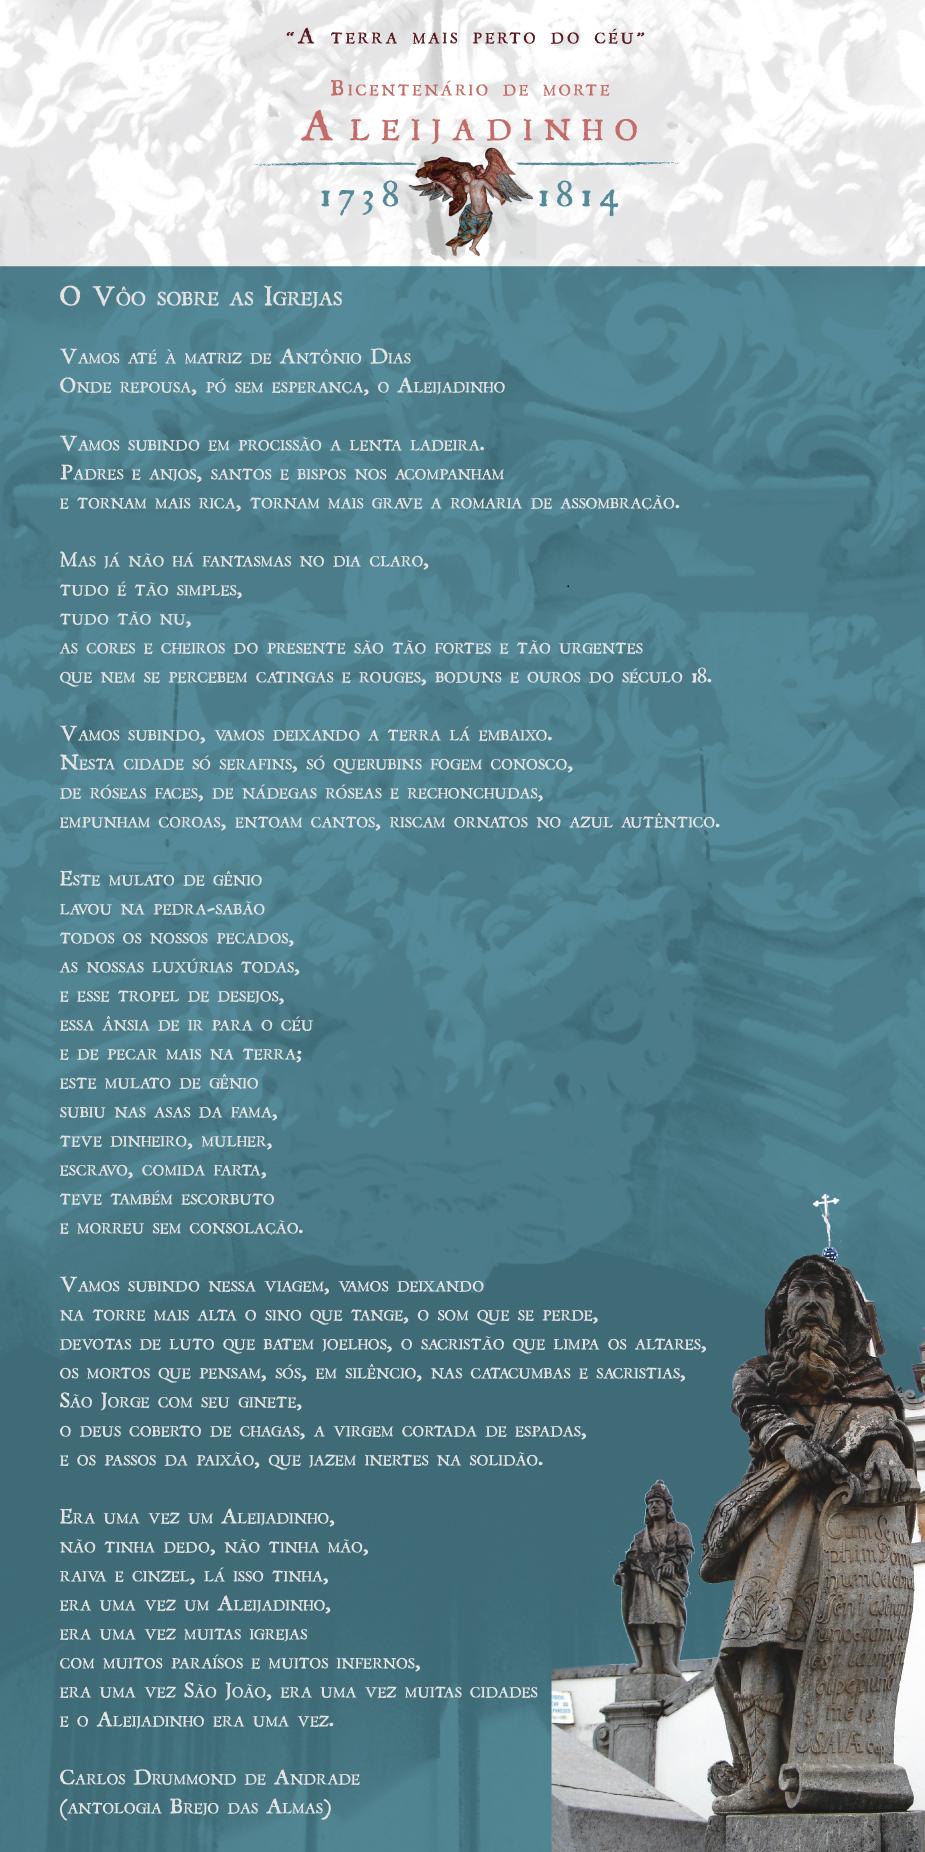 Bicentenário De Morte De Aleijadinho Poema O Vôo Sobre As Igrejas